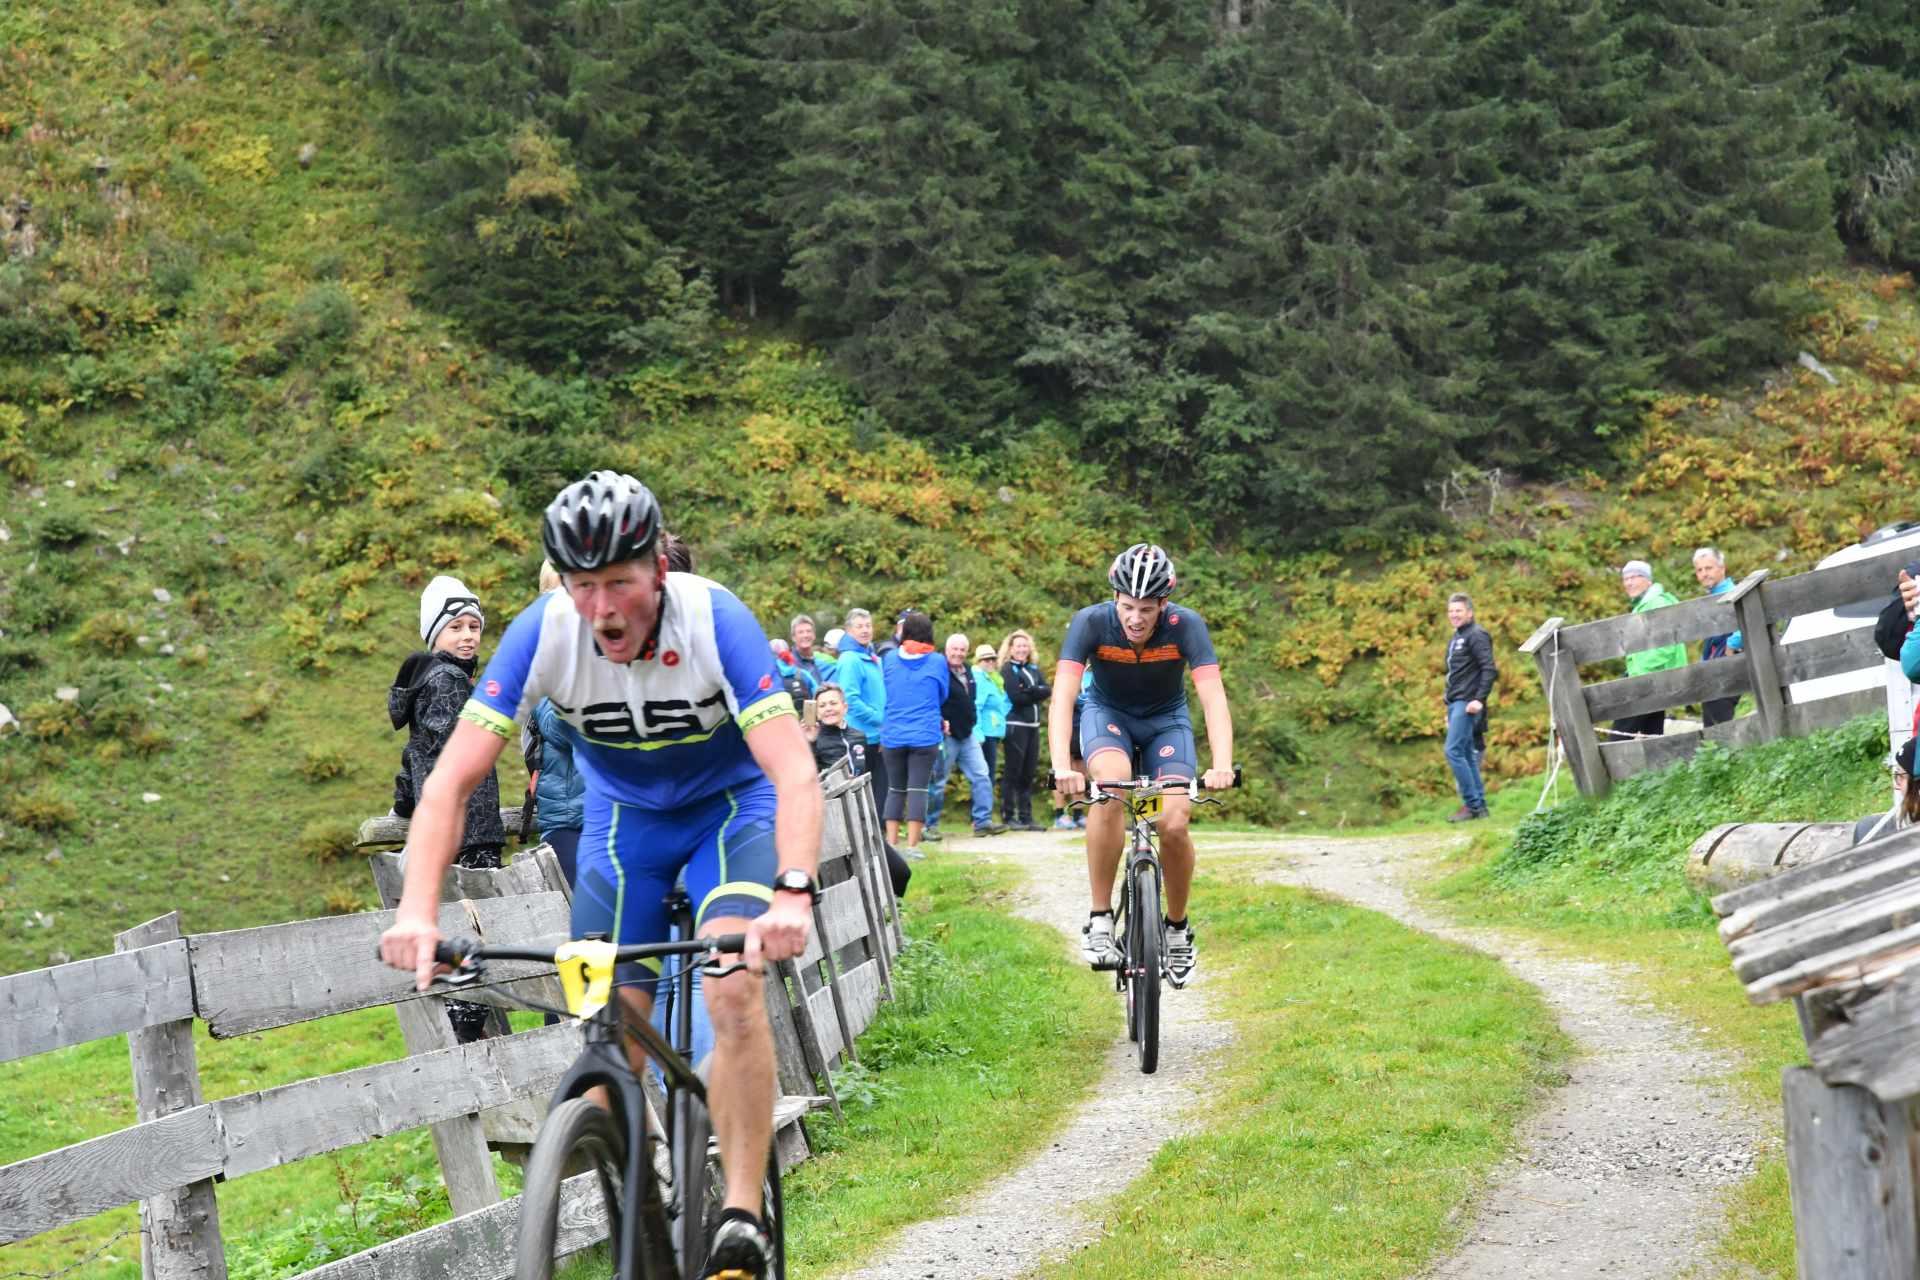 Beim  Wettbewerb Fellenberg Duathlon treten Zweier-Teams gegeneinander an.